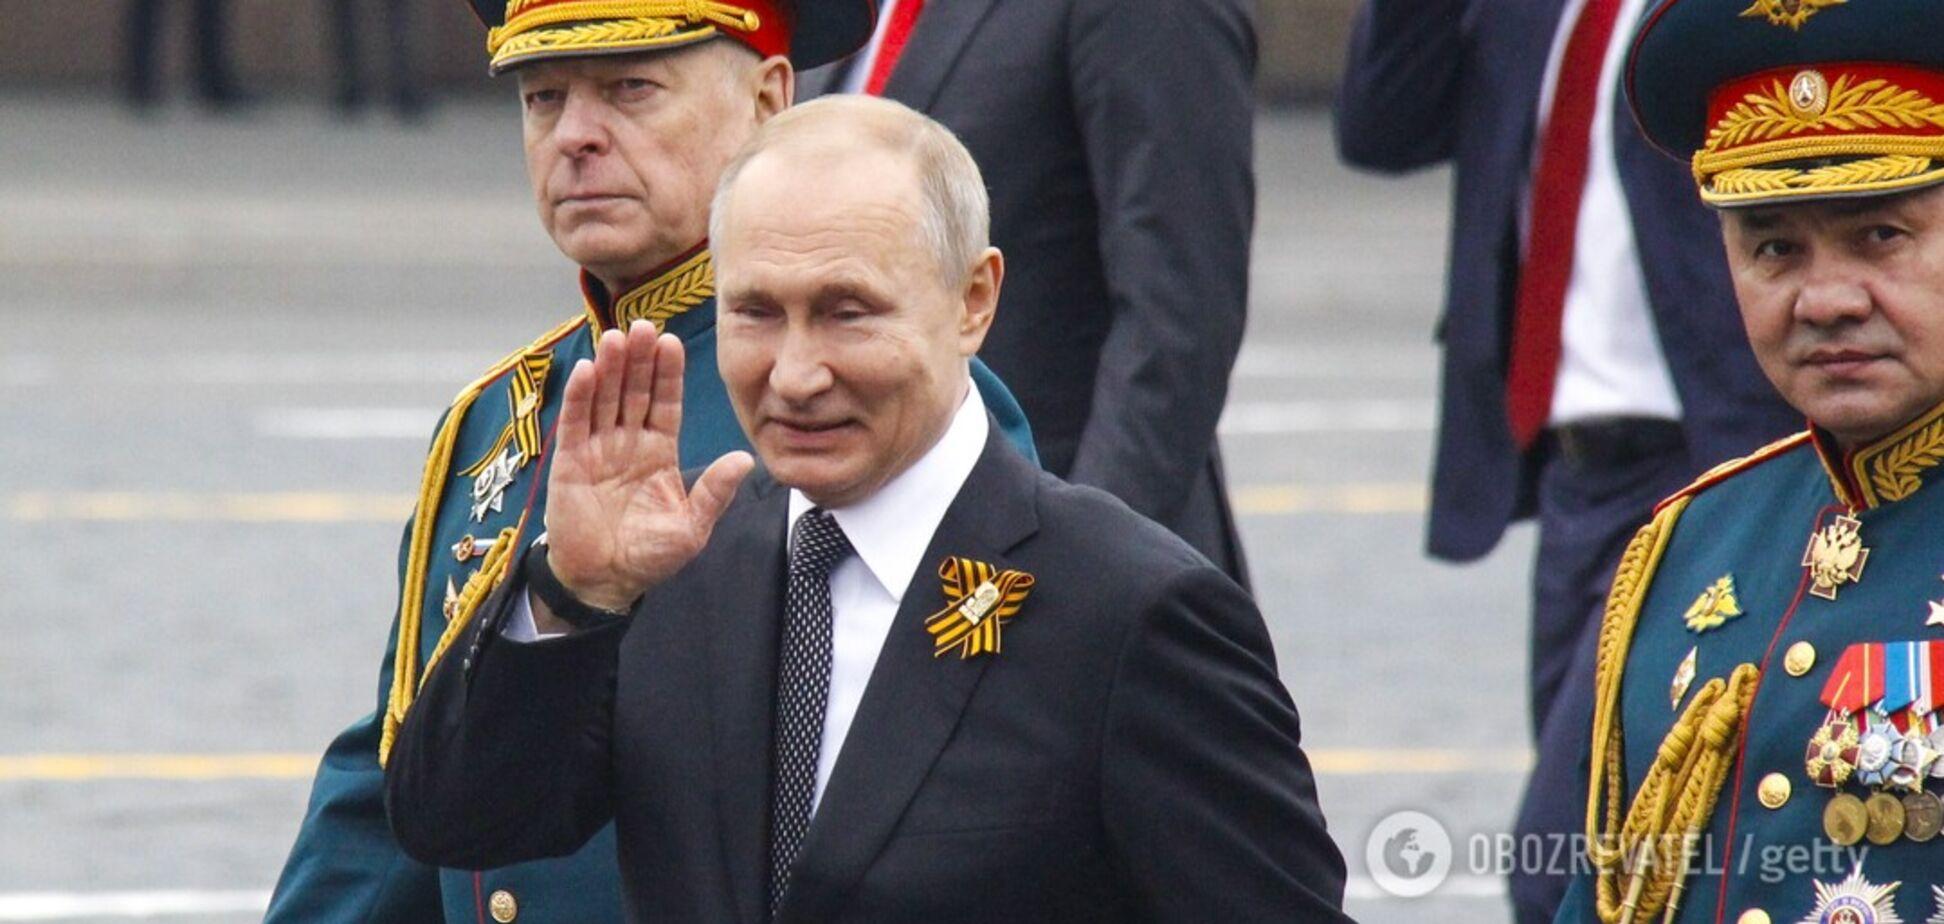 Путін скасував парад до 9 травня: історик вказав на болючі наслідки для Росії